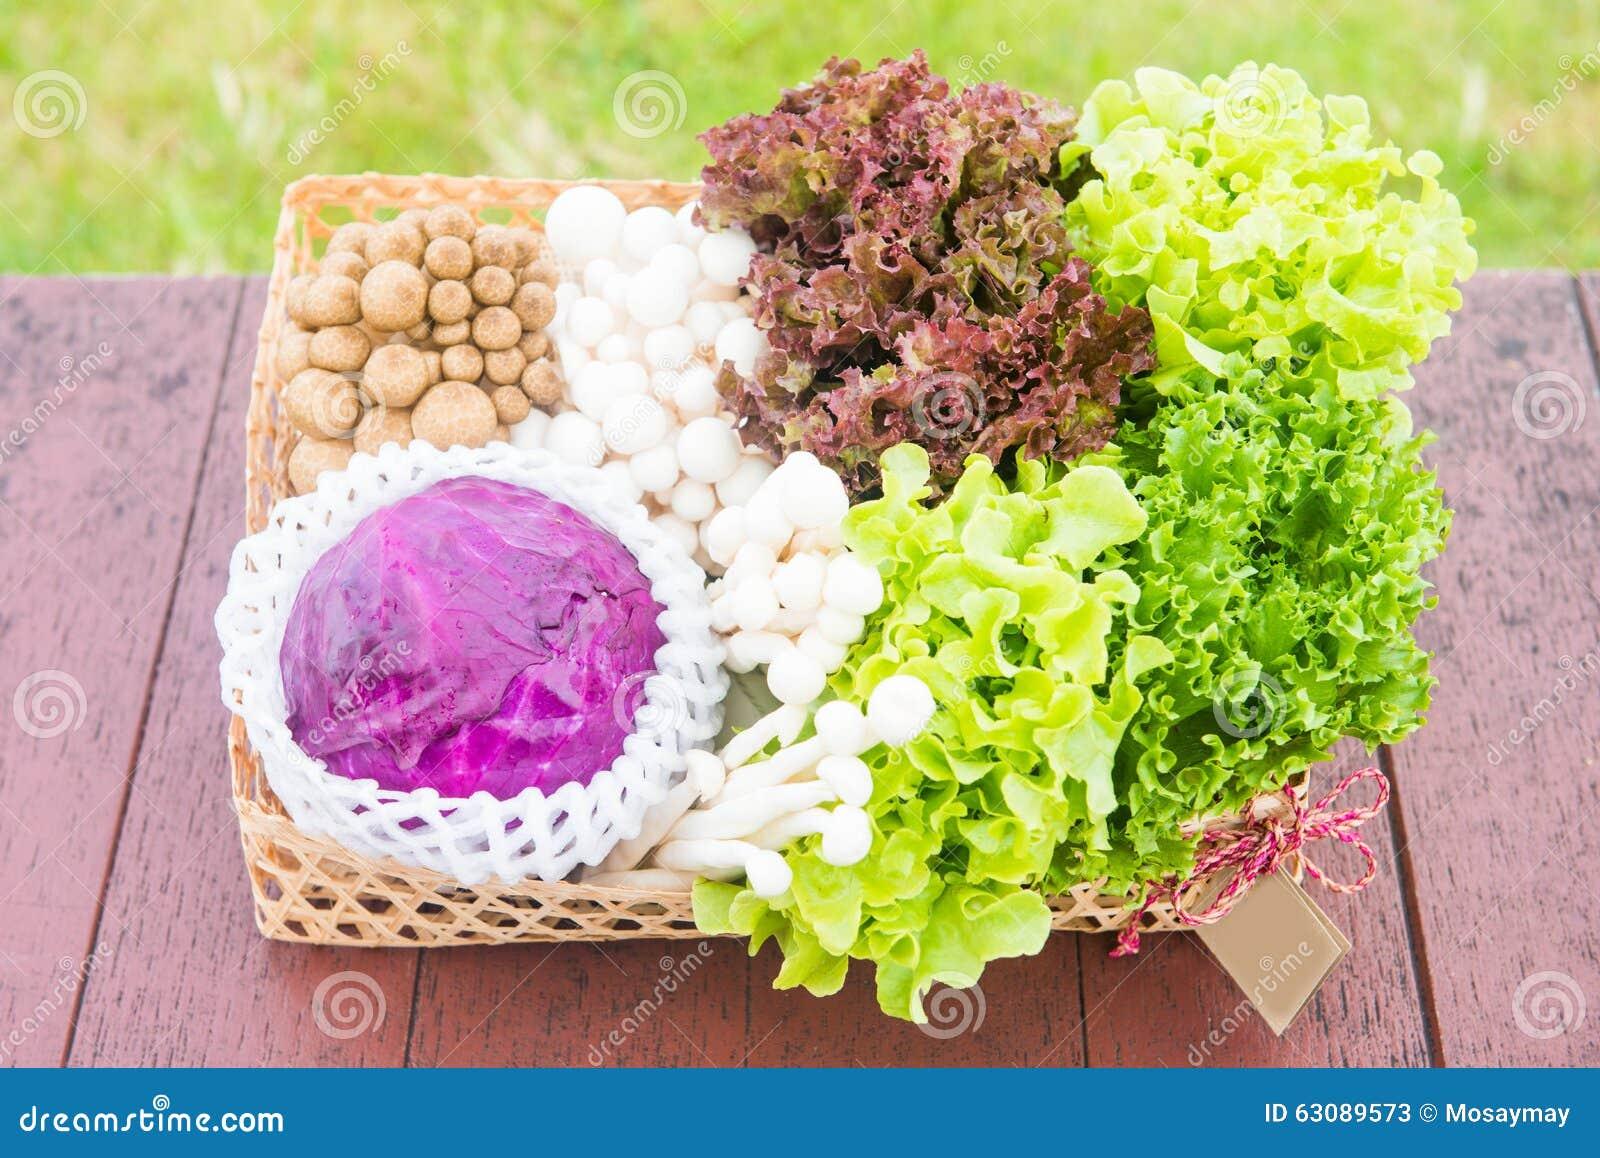 Download Beaucoup De Types De Légumes Dans Un Panier Image stock - Image du broccoli, nourriture: 63089573